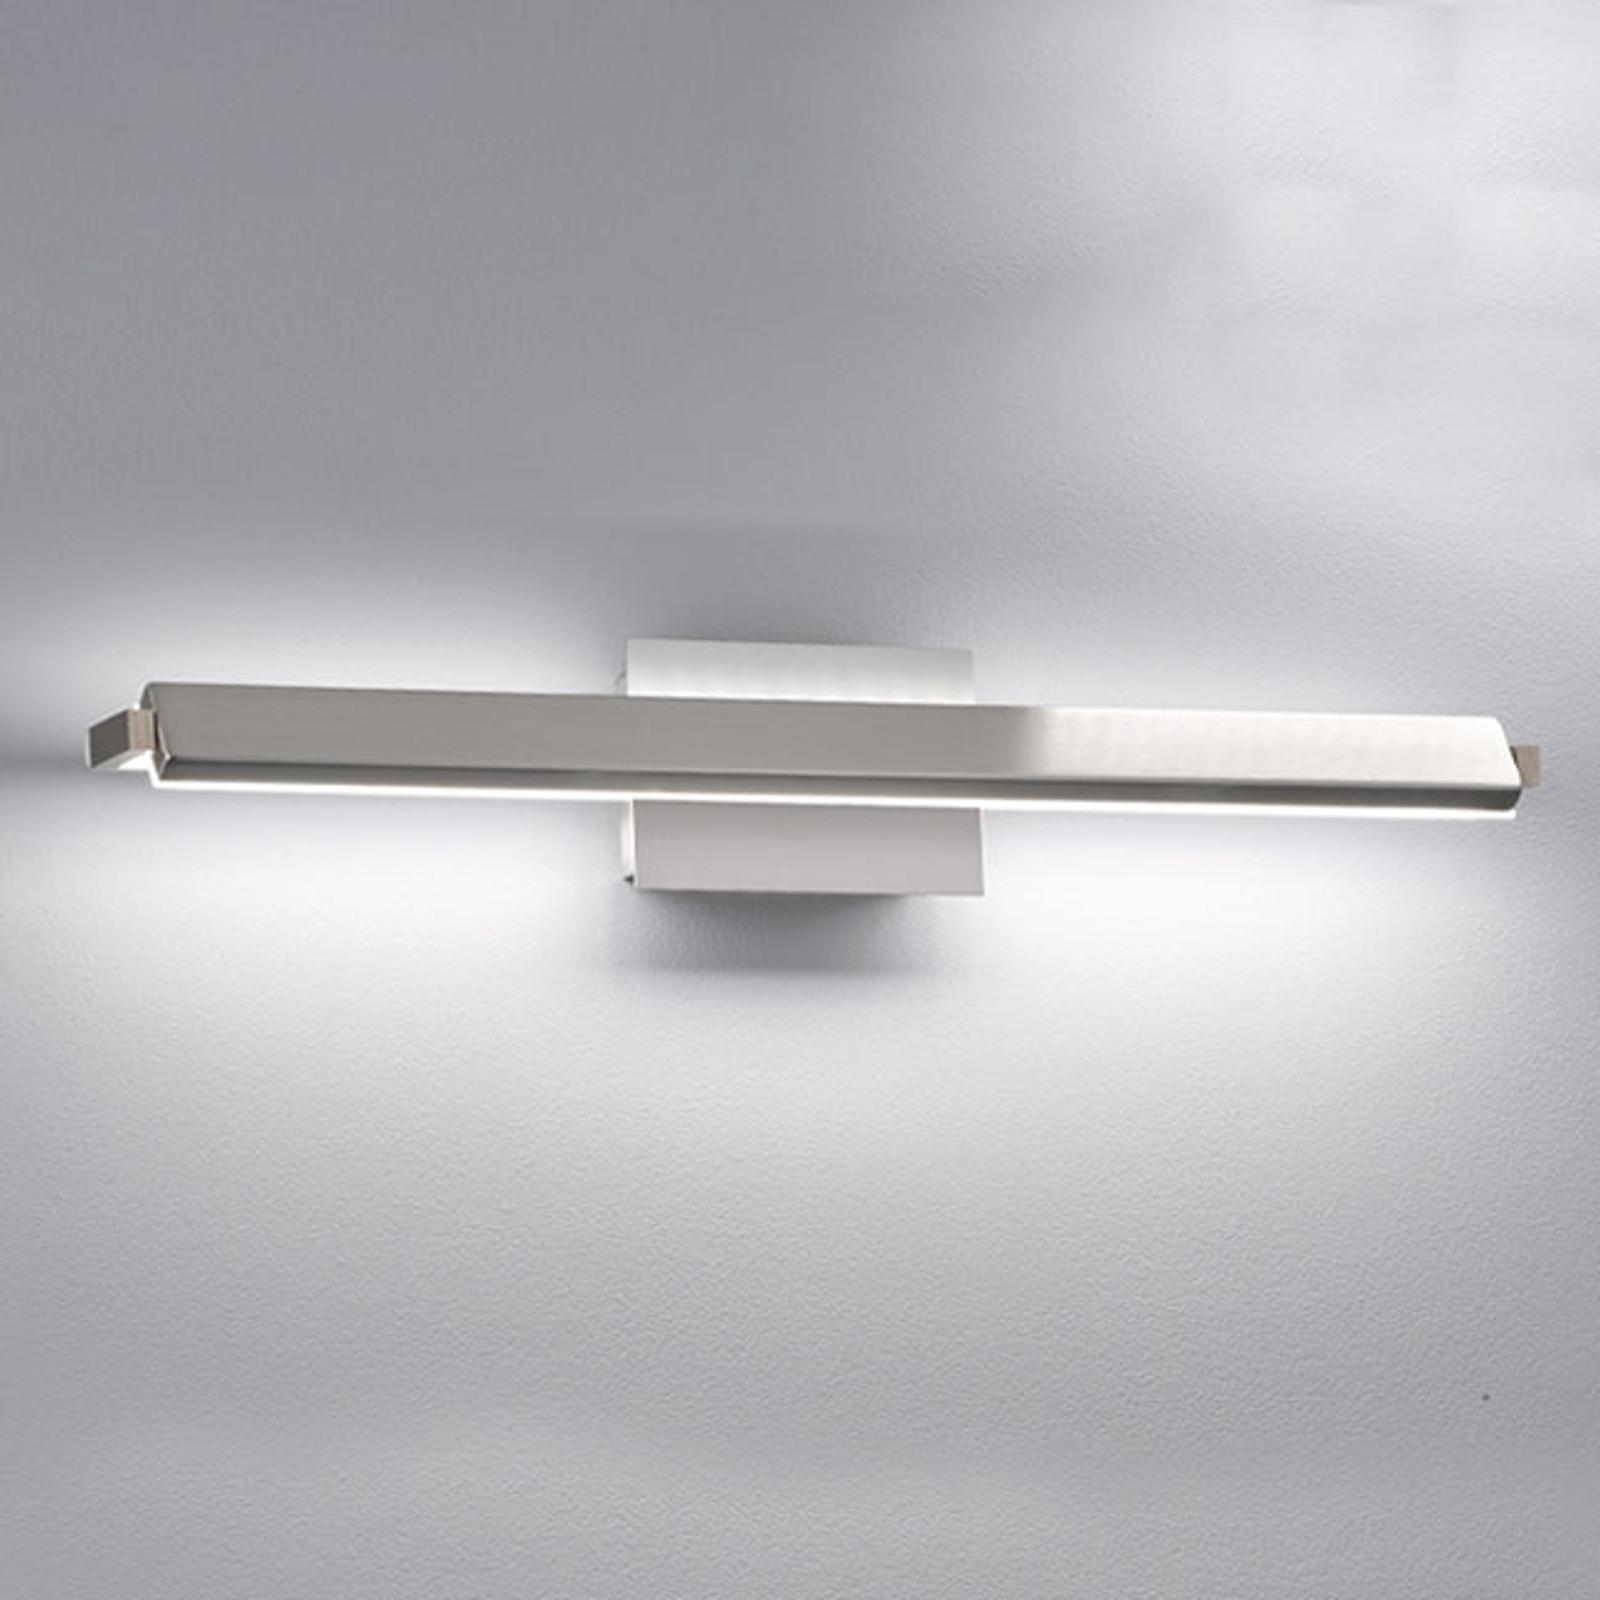 LED-vägglampa Pare TW, dimmer, 3 ljusfärger 60cm